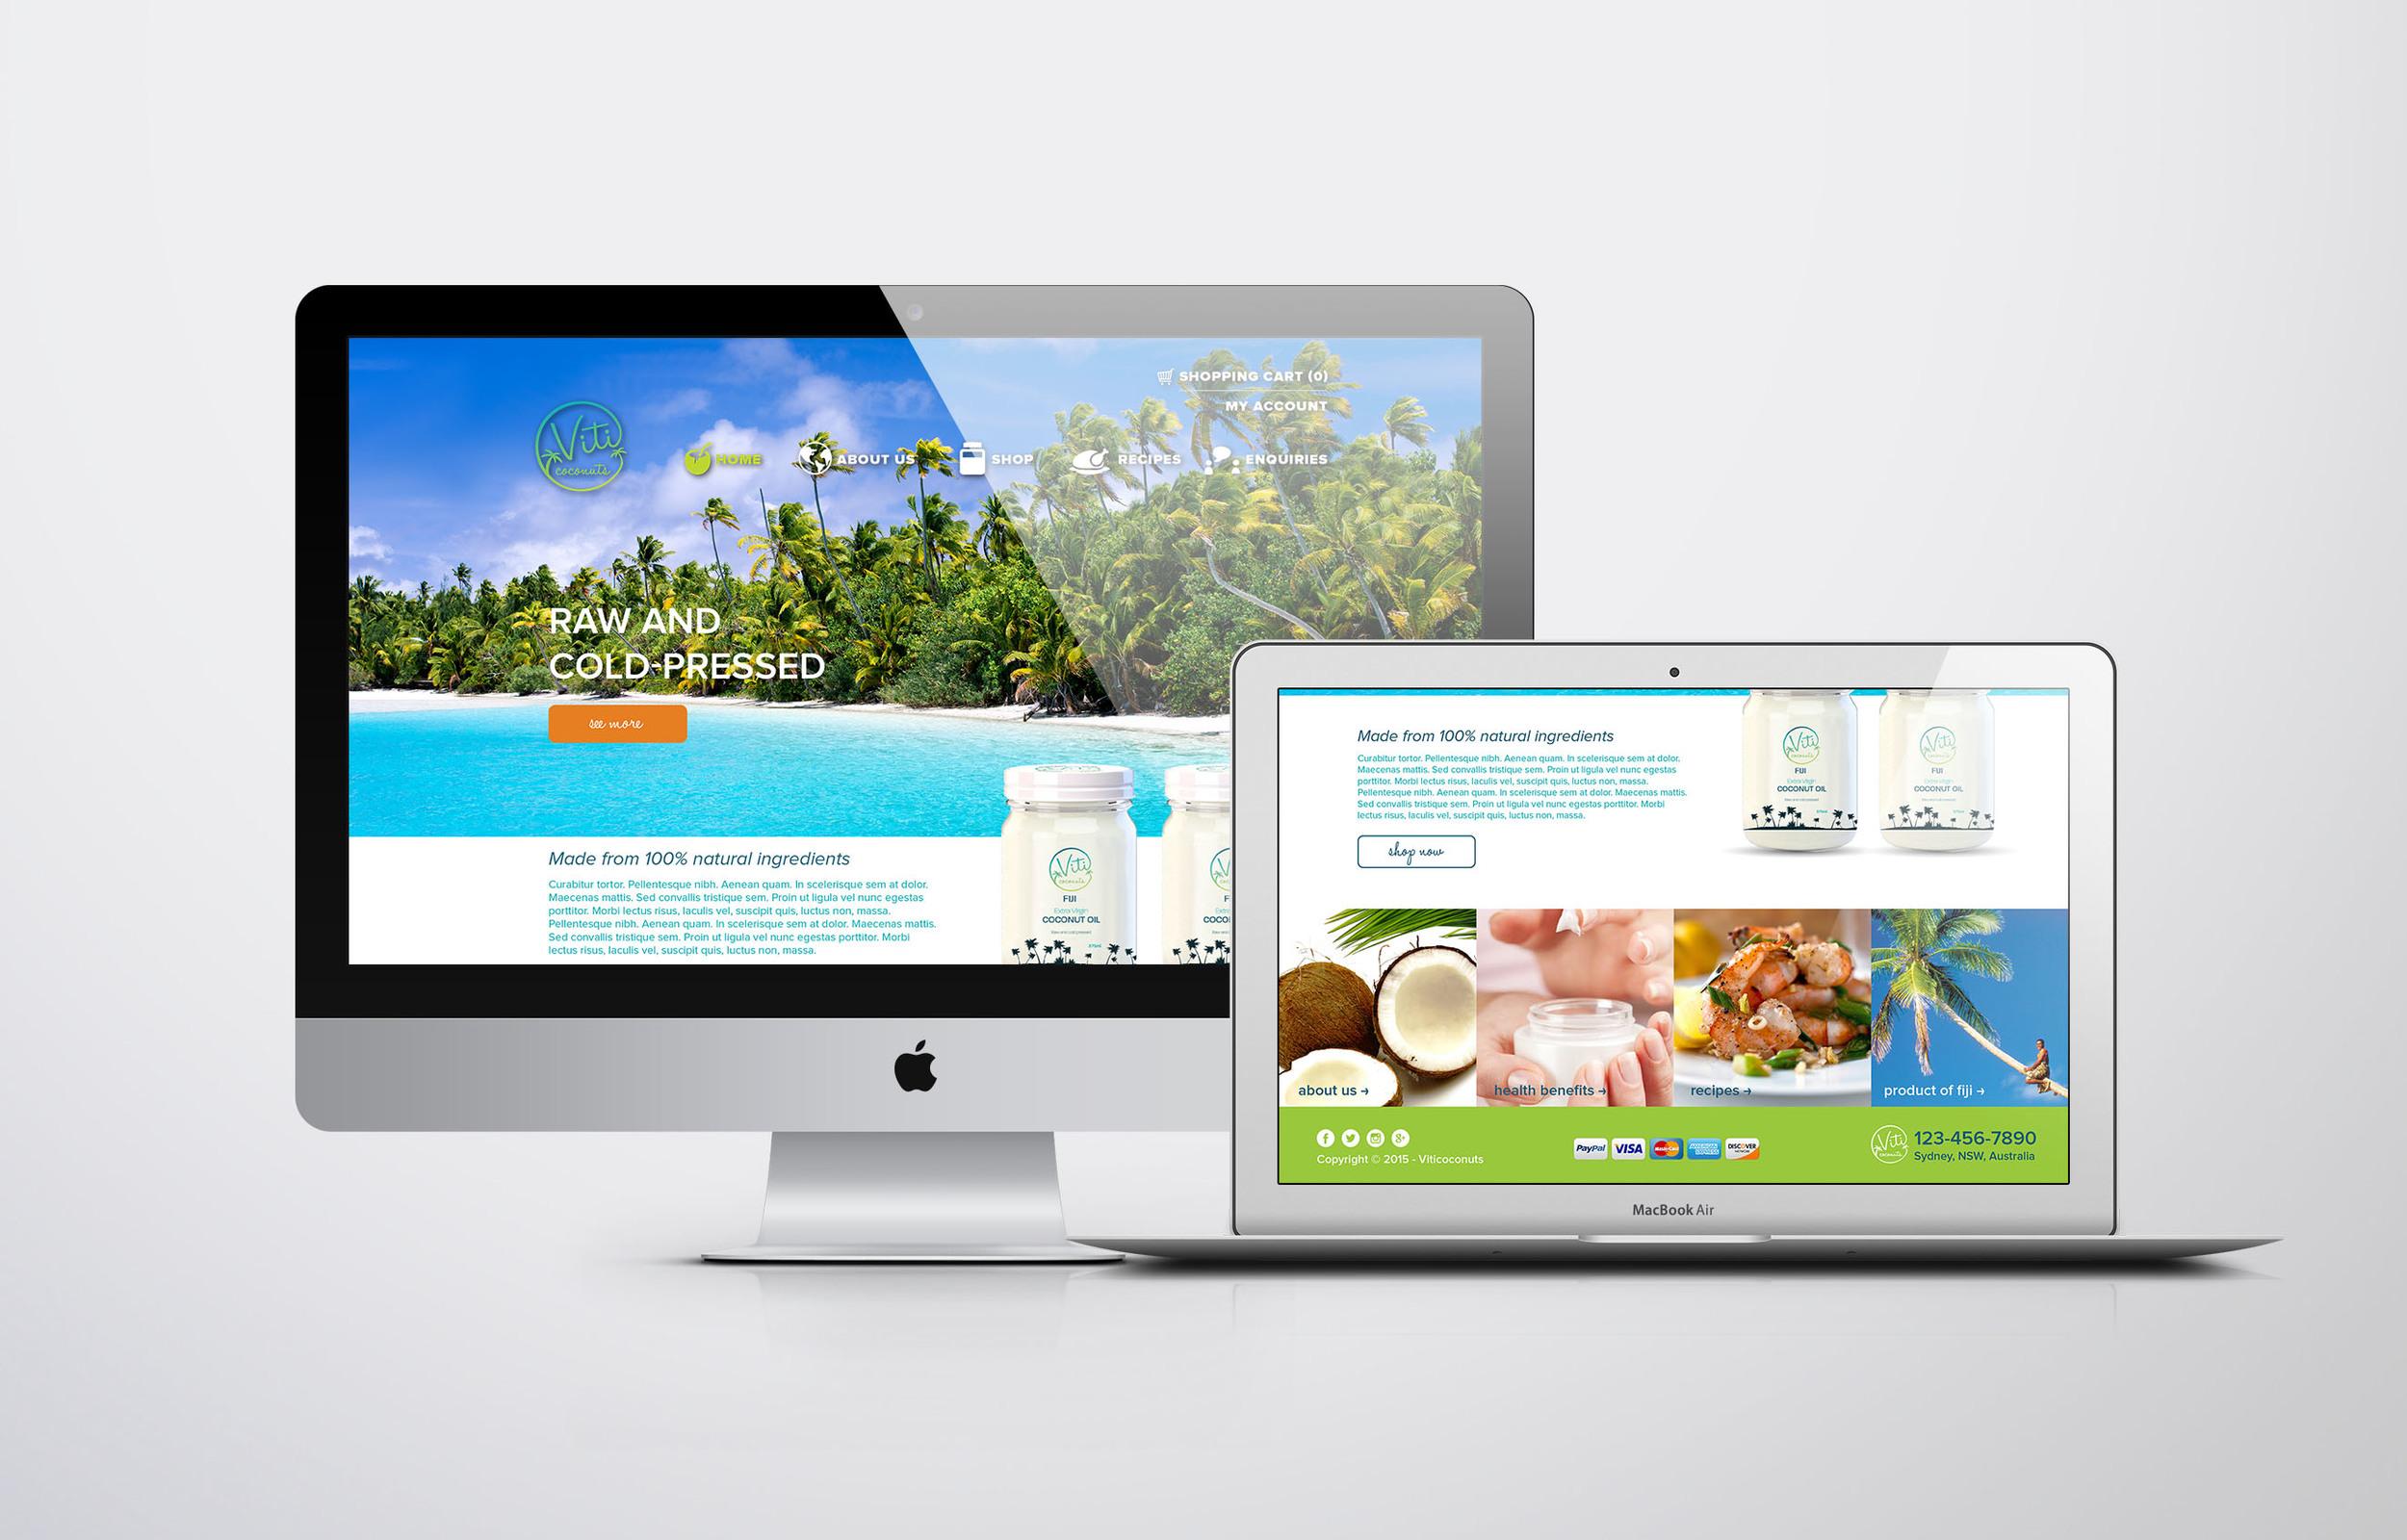 Website_iMac & MacBook Air.jpg